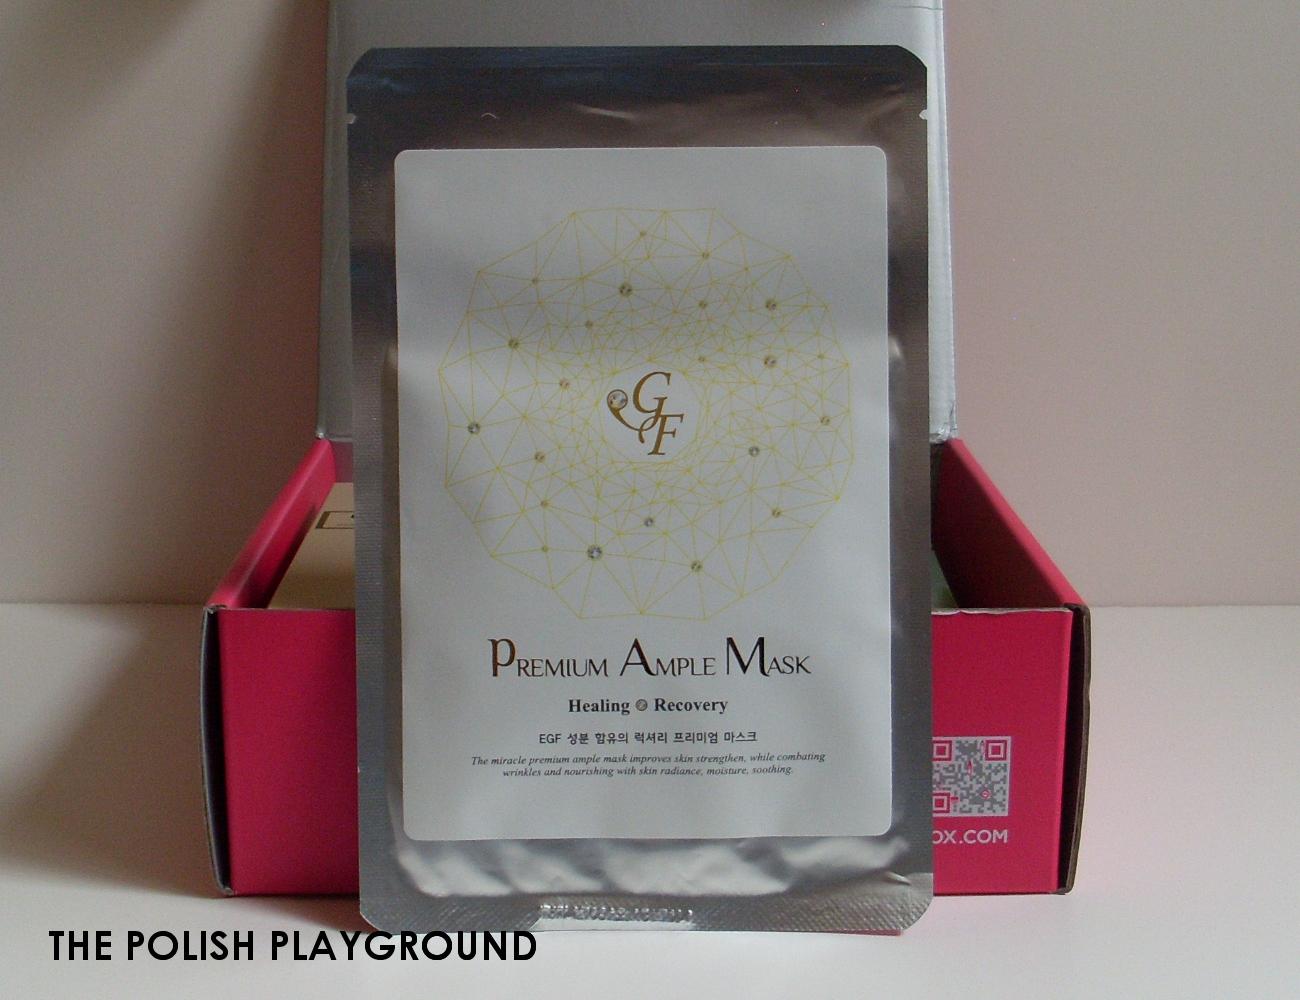 Memebox Special #35 Moisture Surge Unboxing - Wish Formula Premium Ampoule Mask